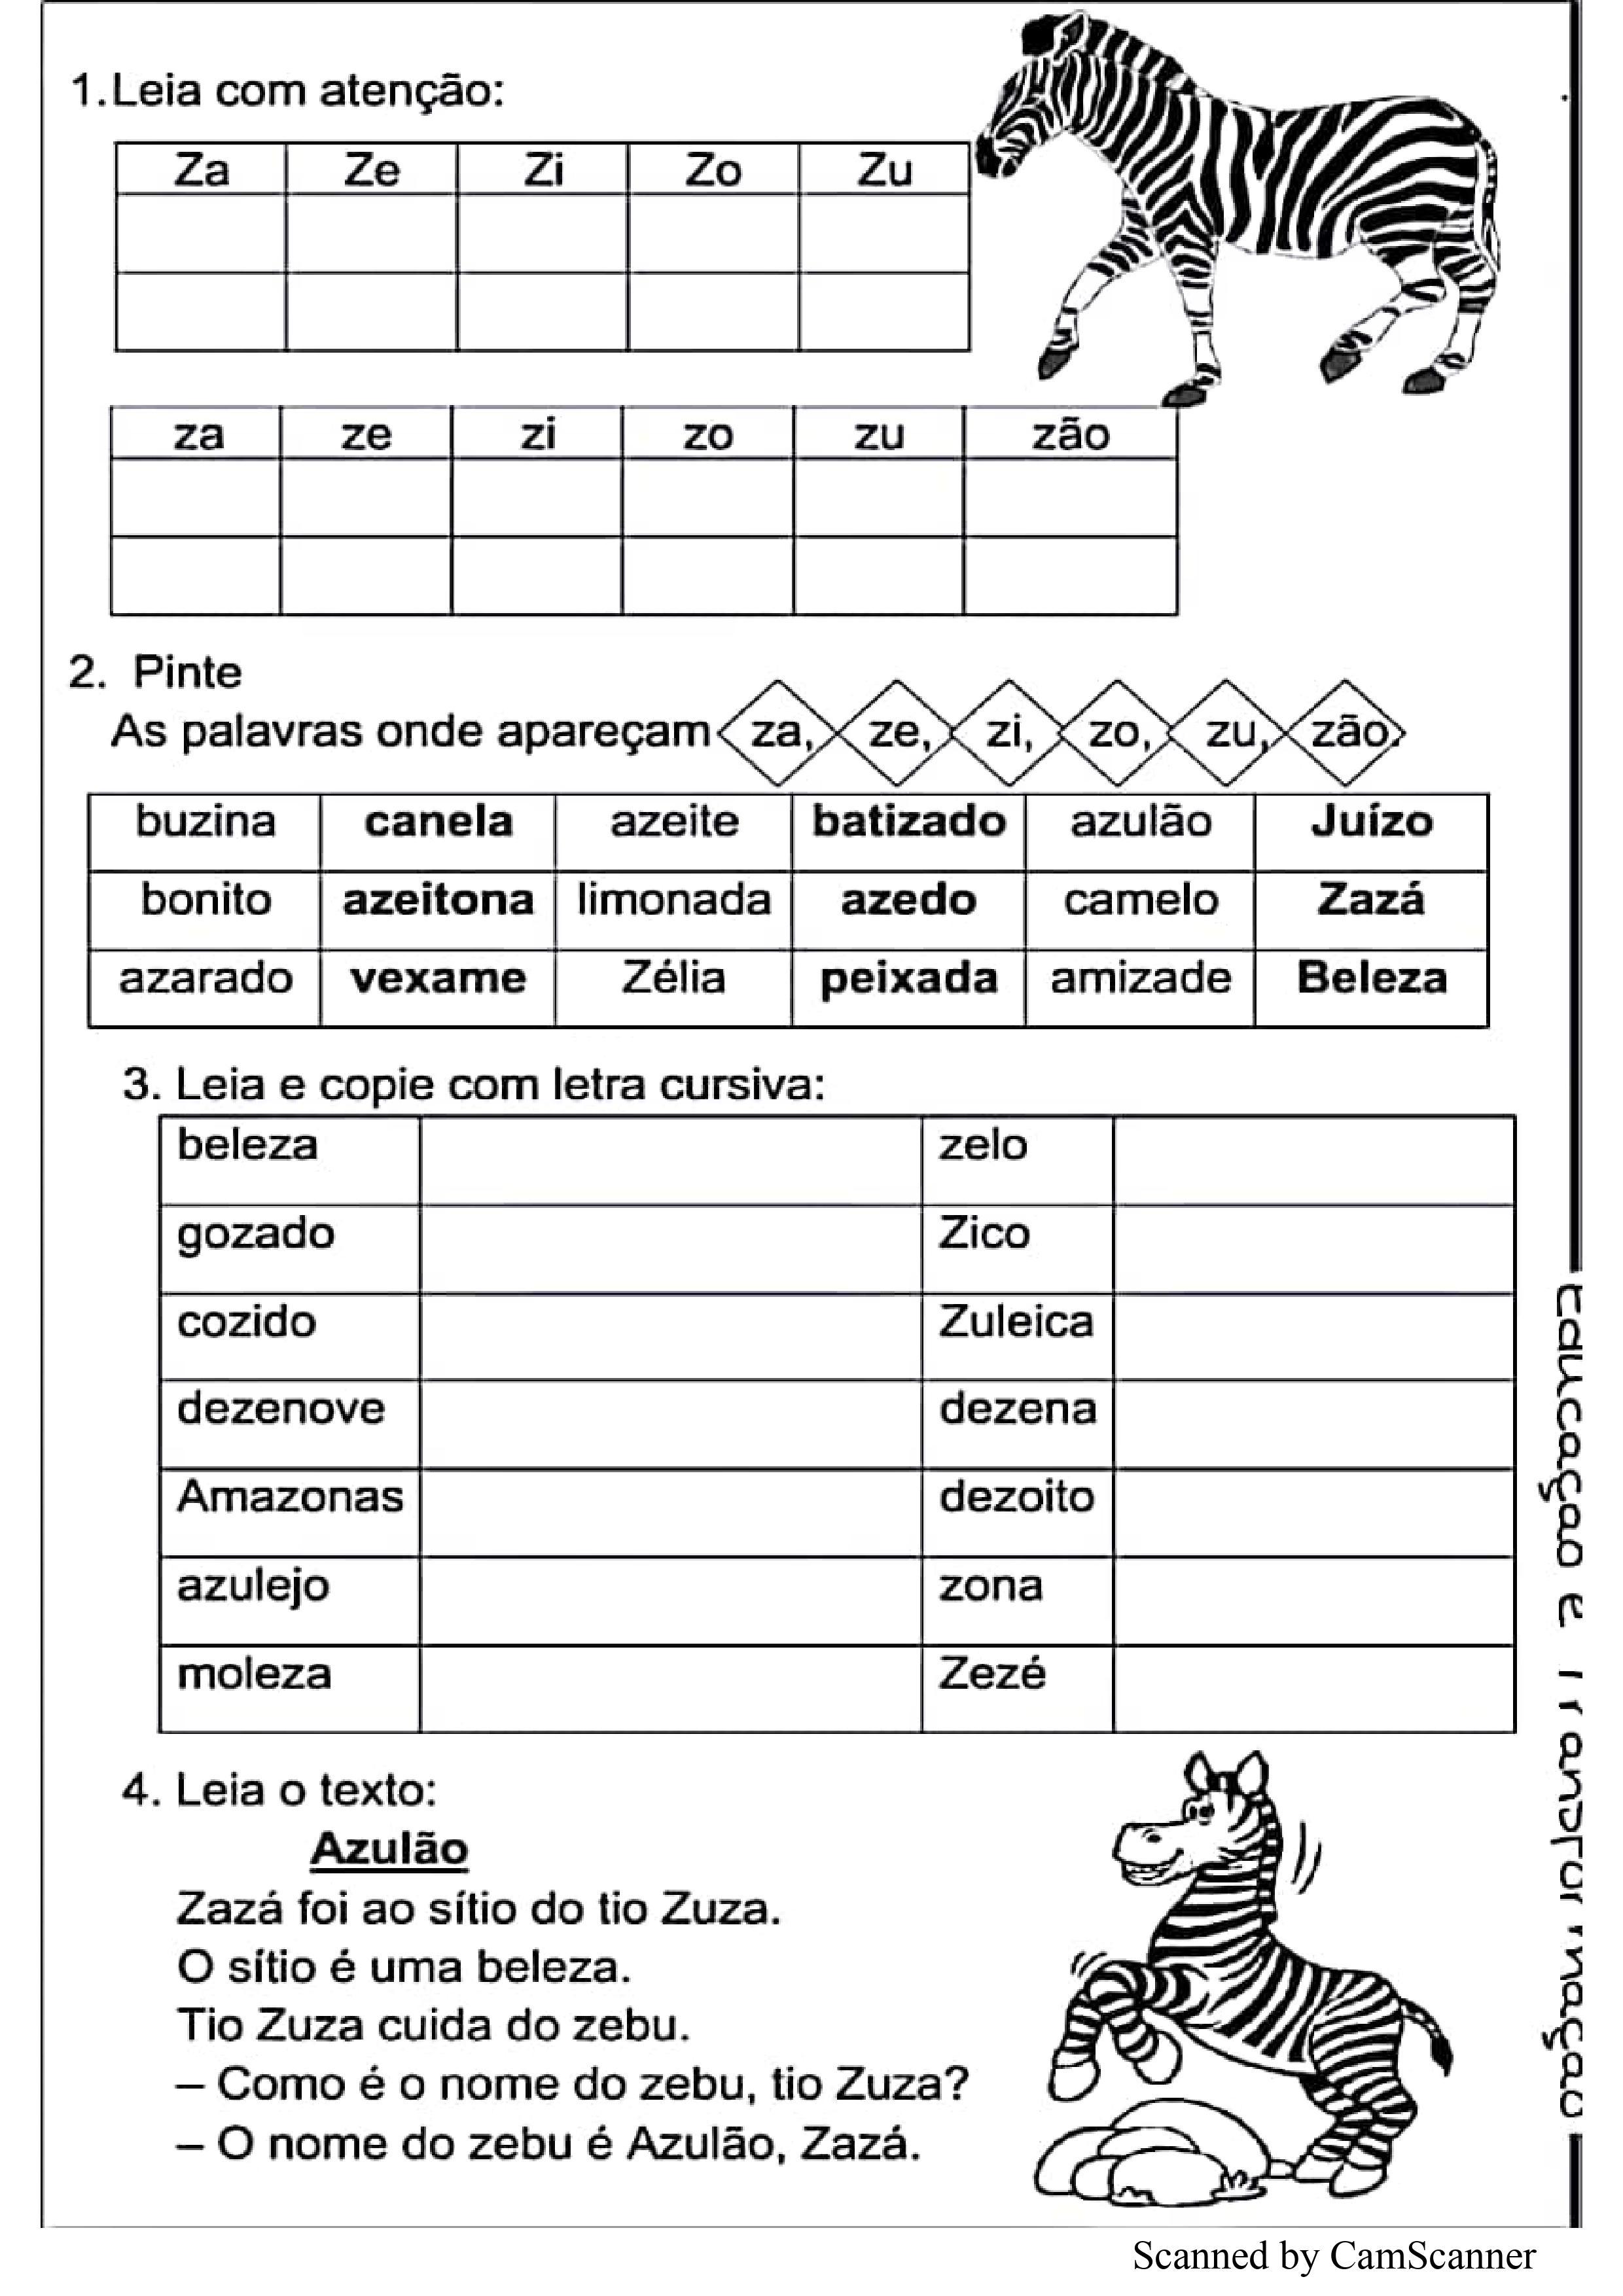 atividade_para_o_2°_ano-18